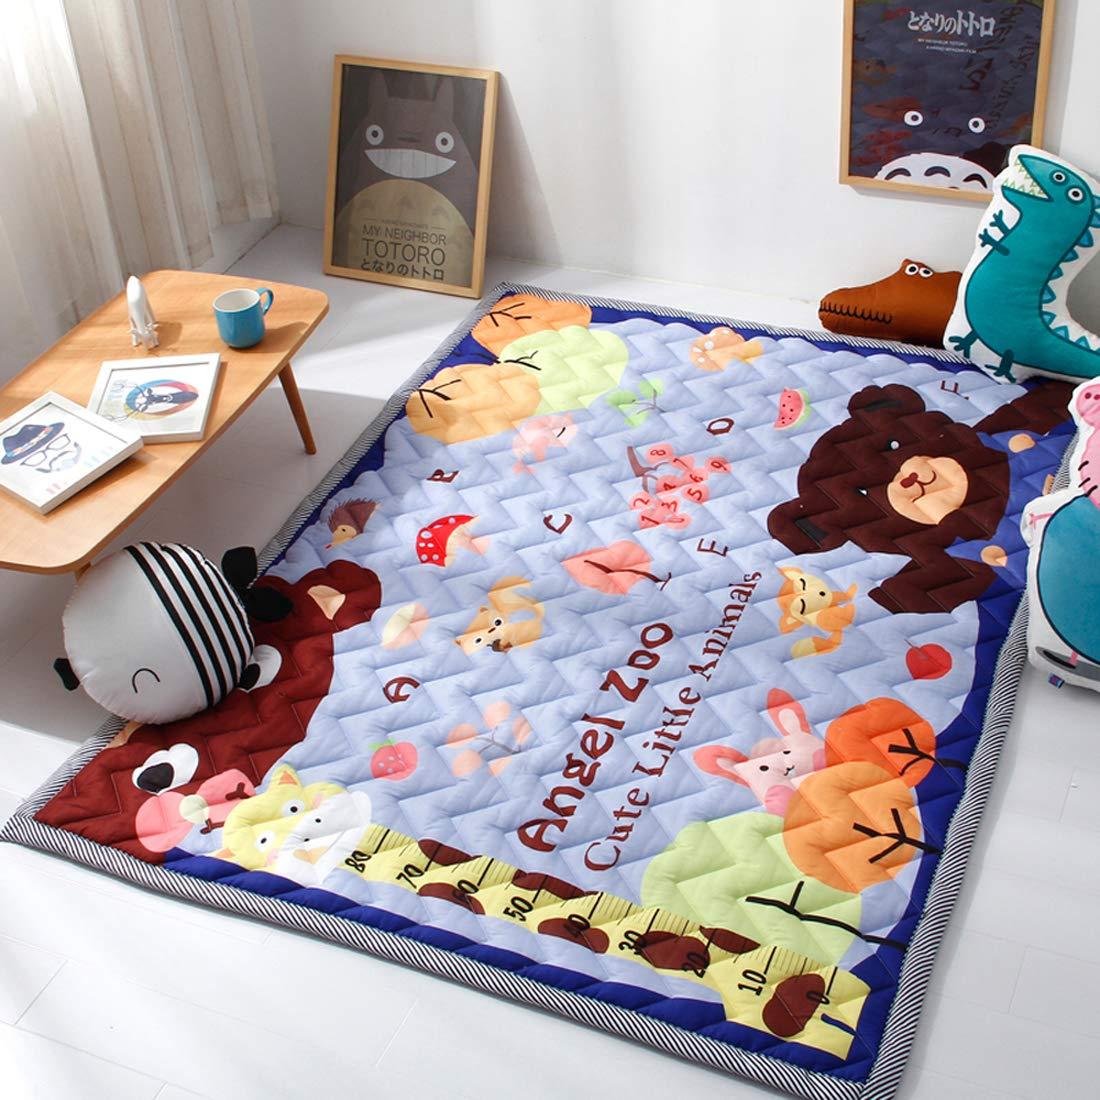 DorkasDE Baby Krabbelmatte Krabbeldecken Spielmatte Kinderteppich Kinderteppich Kinderteppich Rutschfeste Matte 145  195 cm B07MPT4LP9 Teppiche & Lufer 76a591